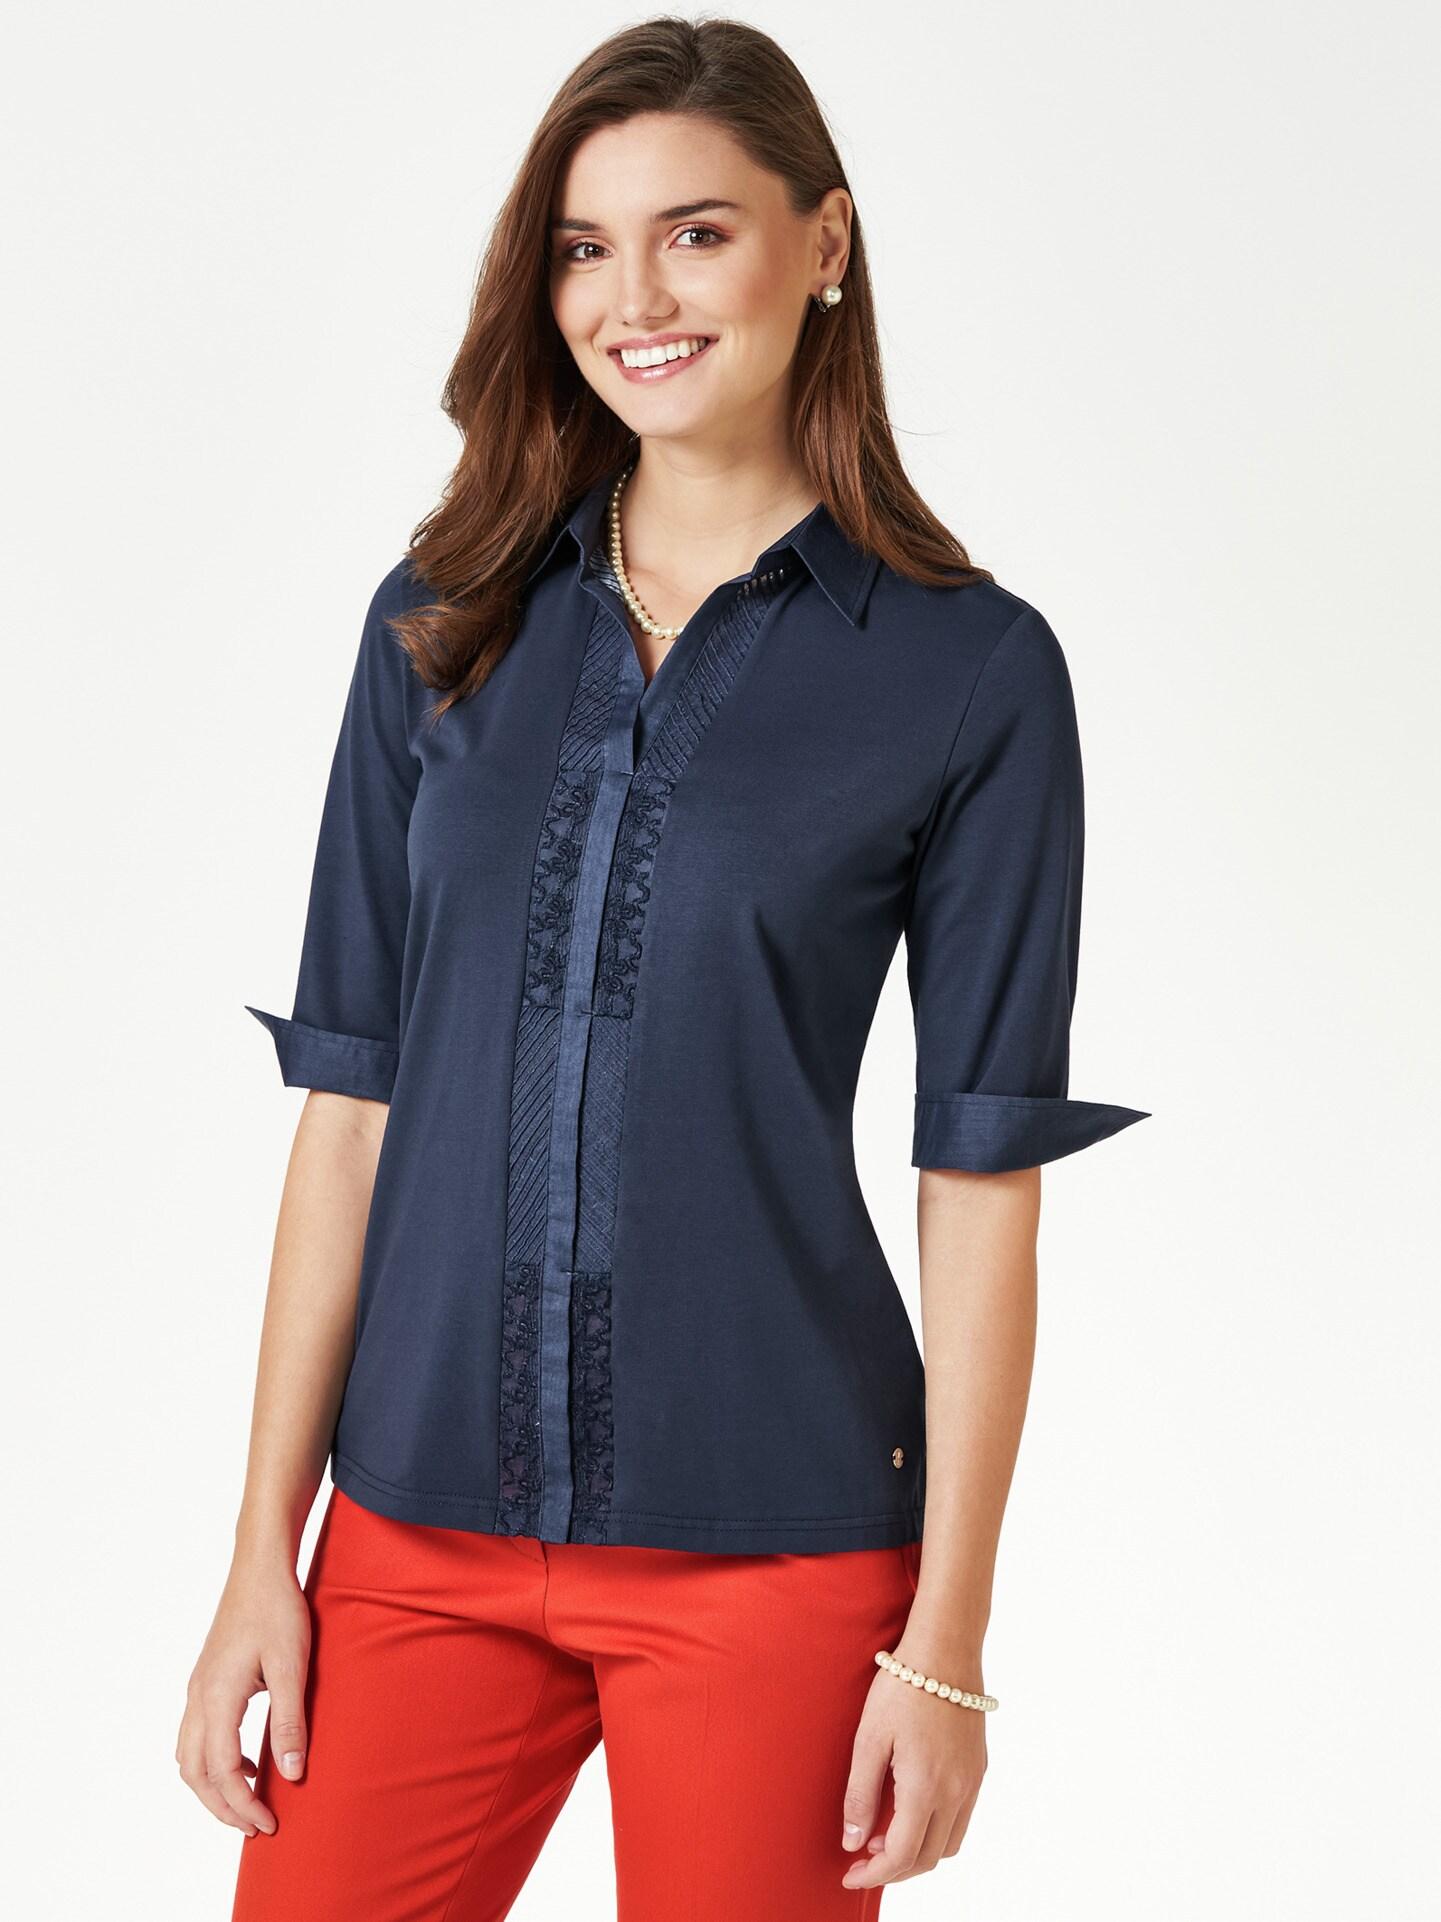 Walbusch Damen Jersey Bluse Exquisit einfarbig Marine 36, 38, 40, 42, 44, 46, 48, 50, 52 51-2689-9